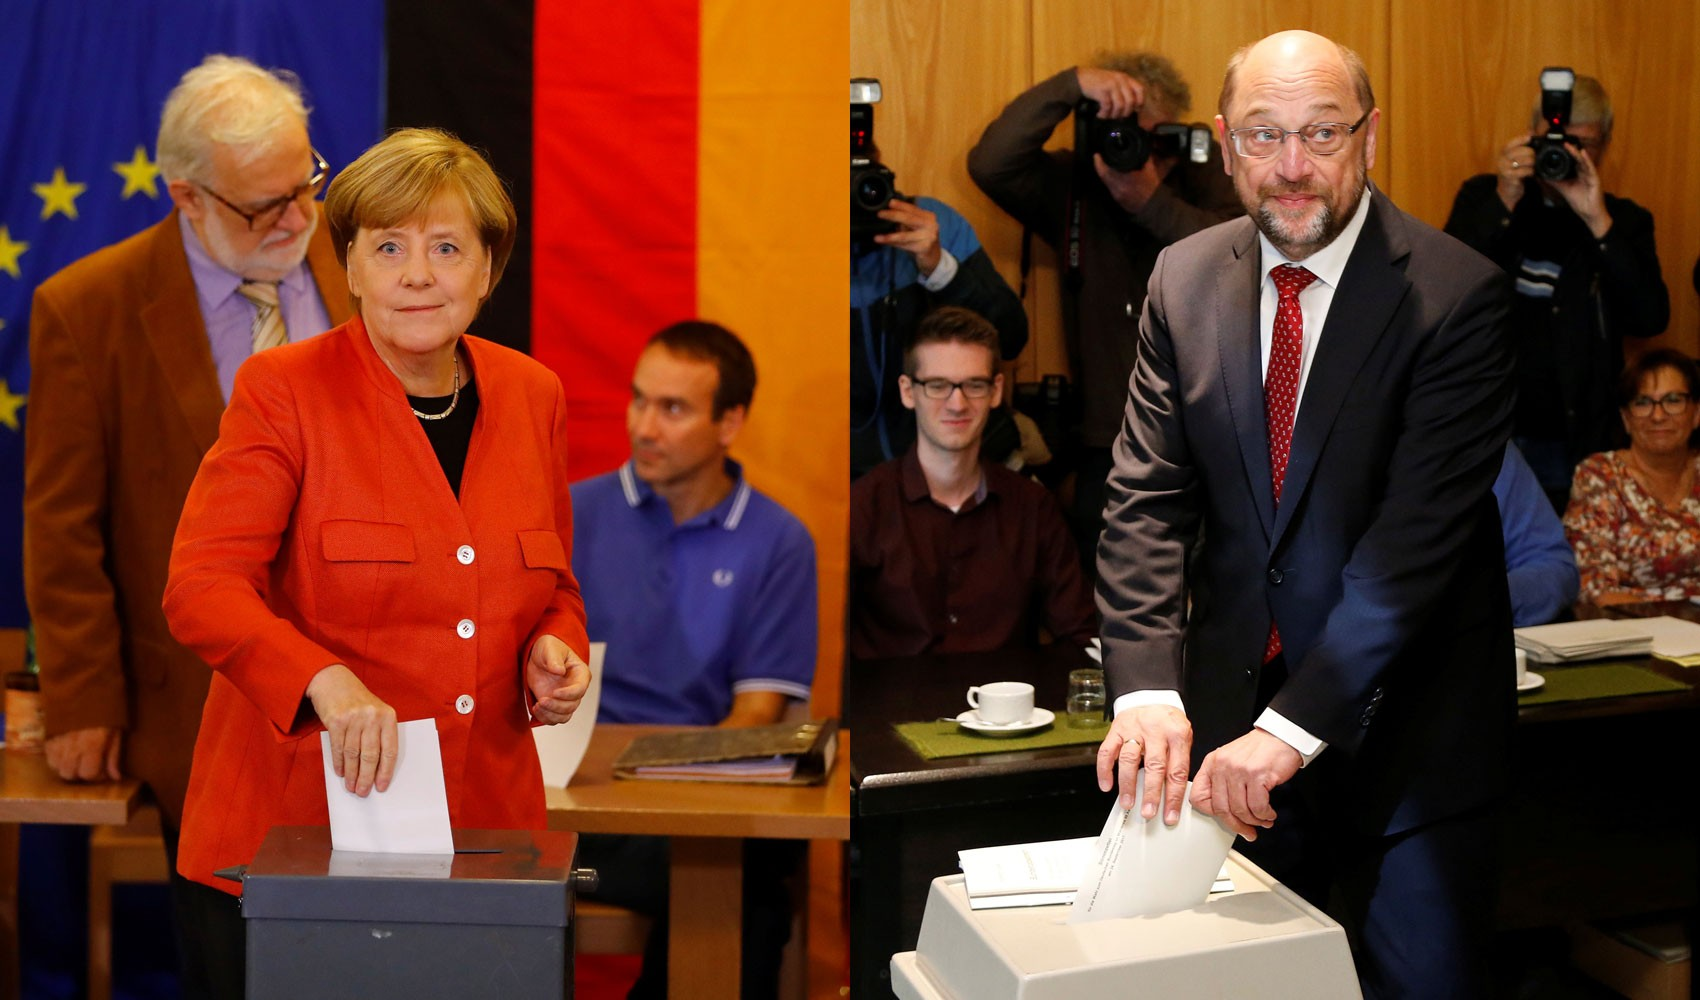 Principais candidatos, Merkel e Schulz votam nas eleições da Alemanha